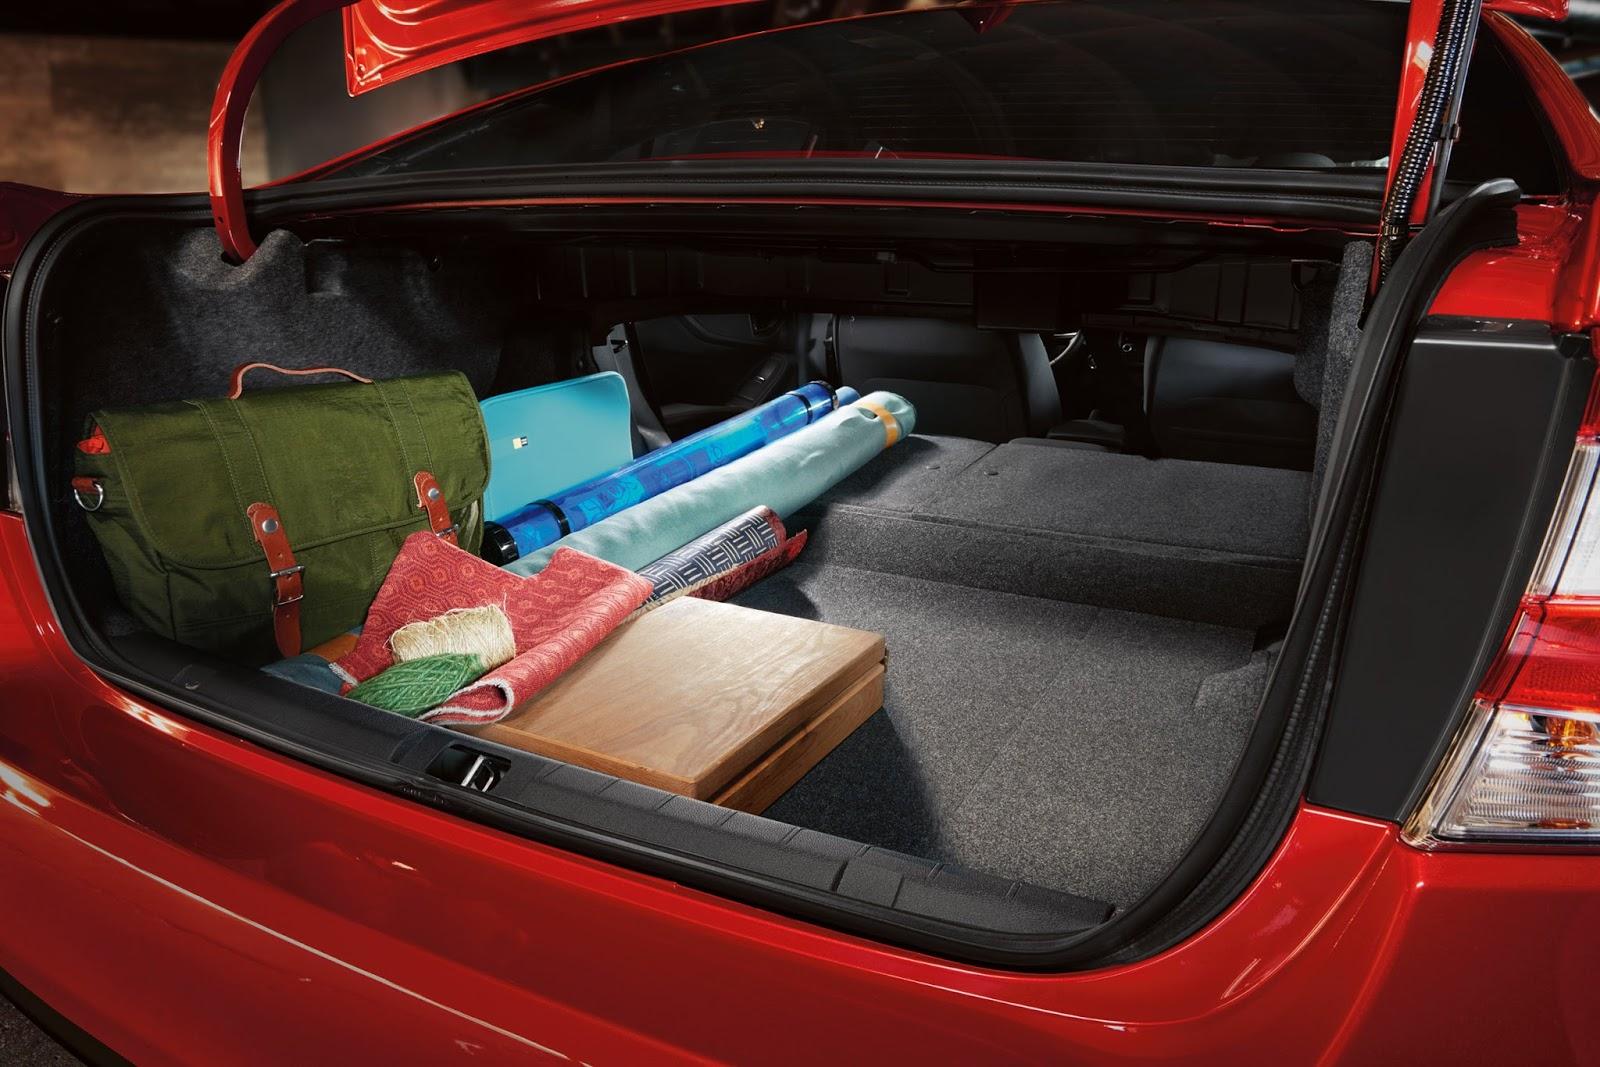 Cốp xe rộng rãi, thoải mái là một điểm + cho Subaru Impreza 2017